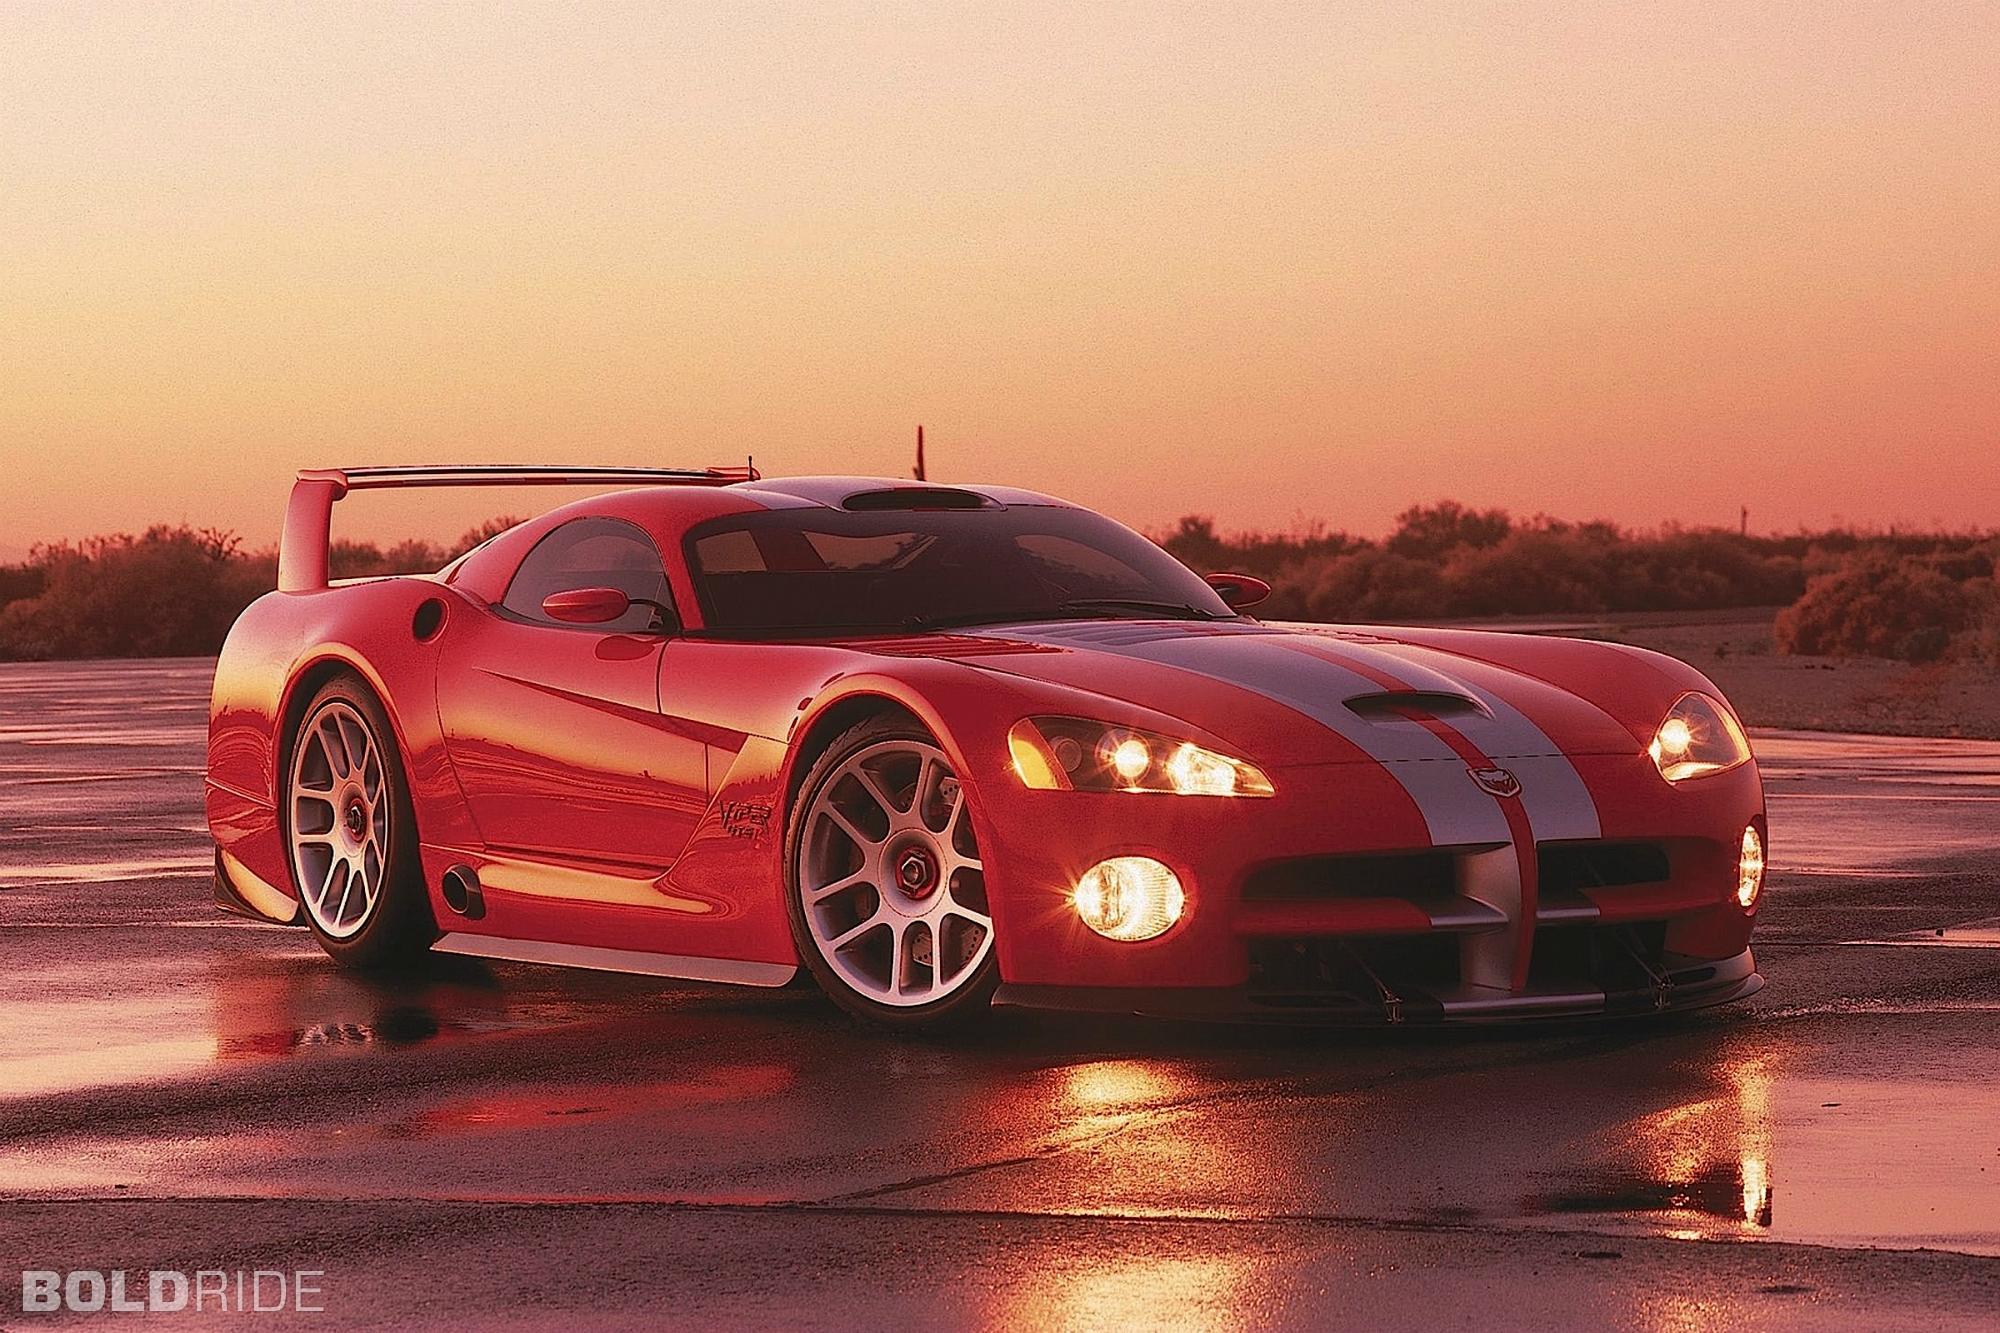 2000 Dodge Viper GTS-R 1280 x 1080